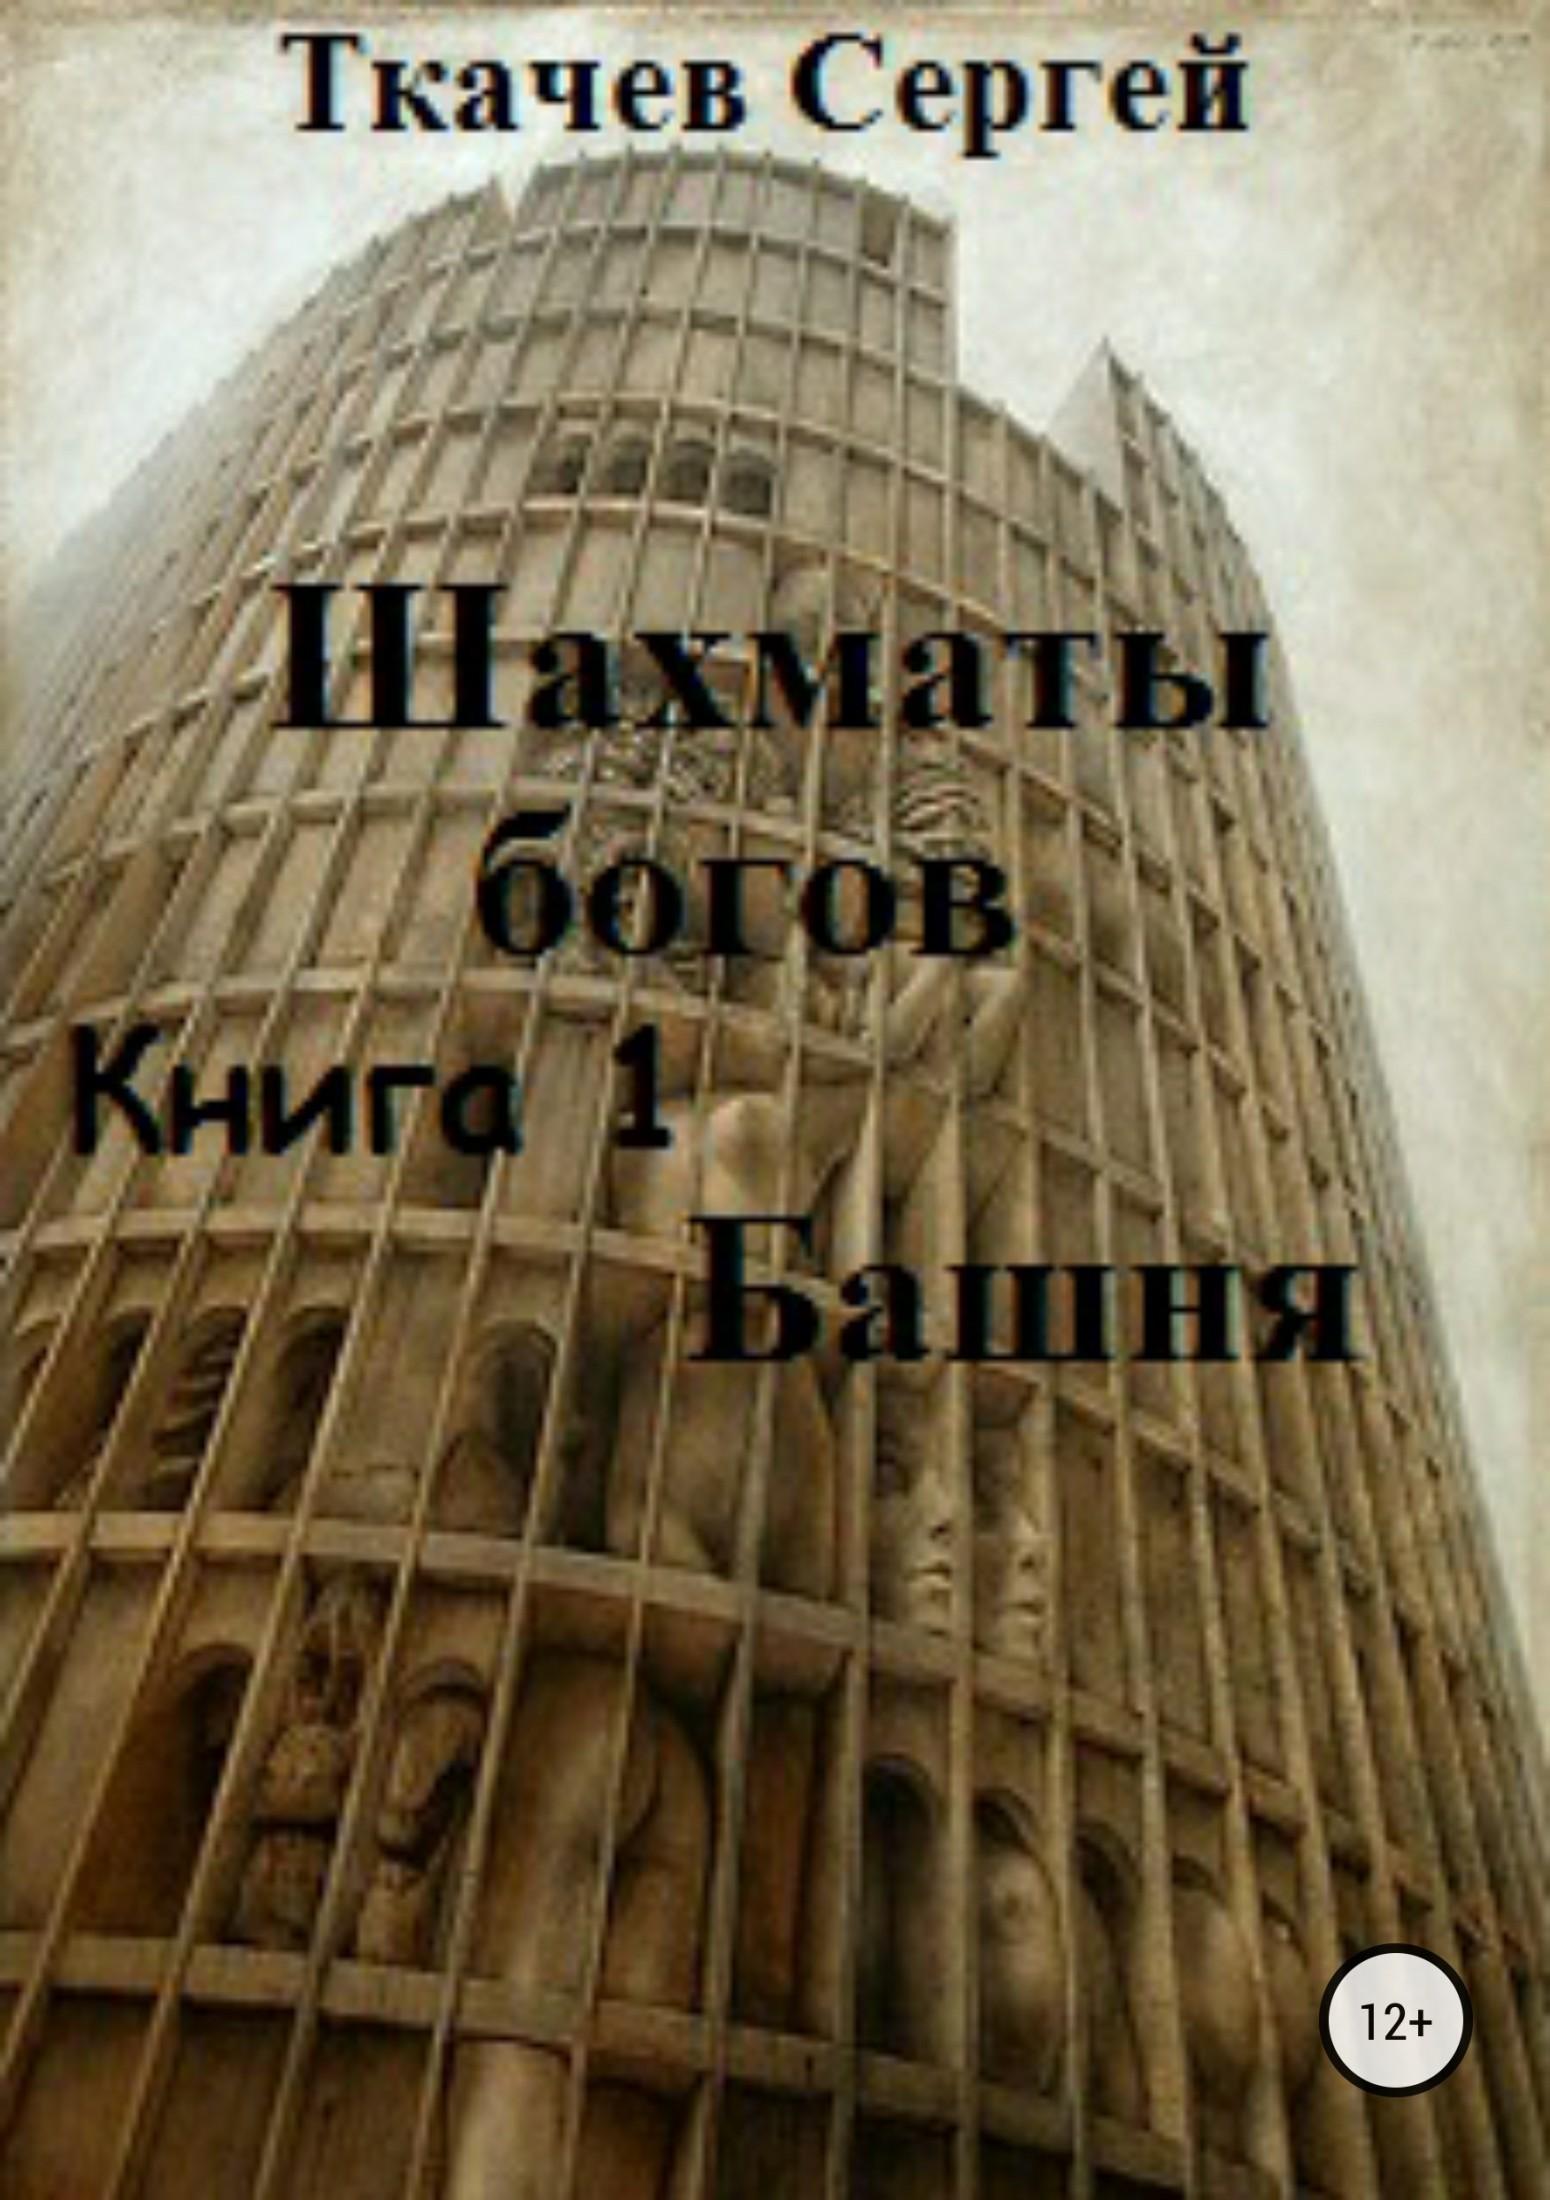 Сергей Сергеевич Ткачев Шахматы богов. Башня донормил где в люберцах